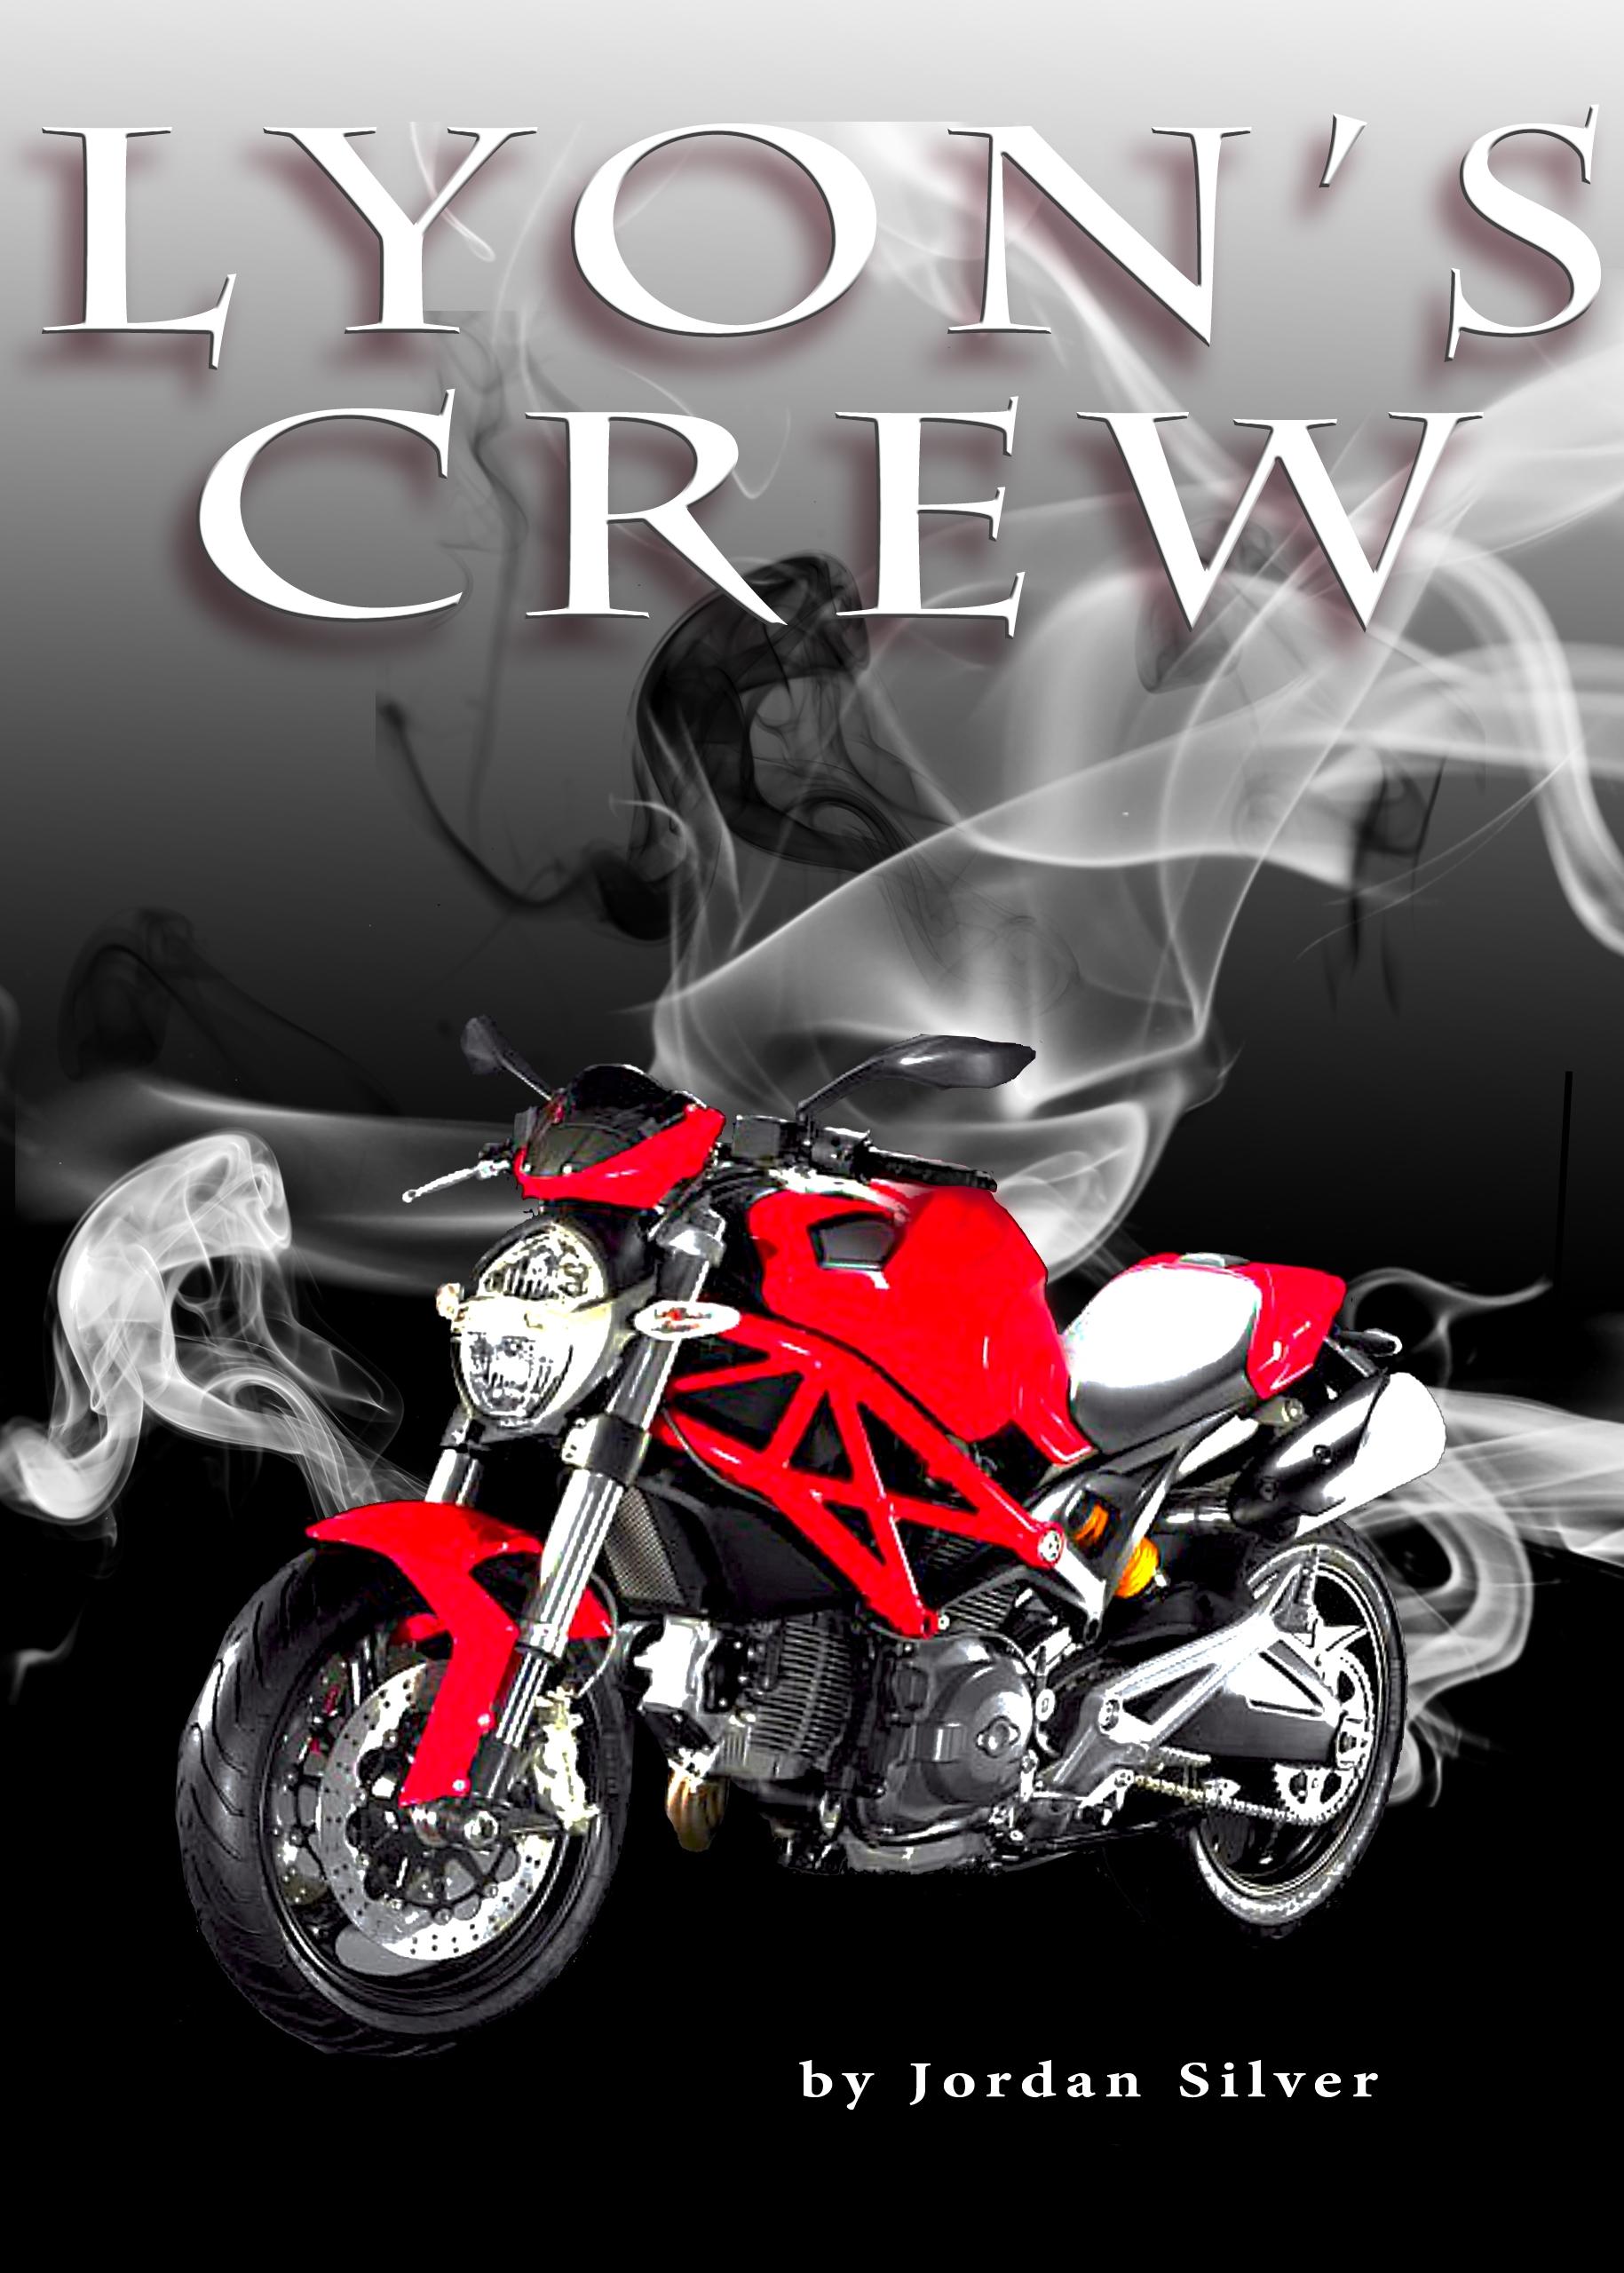 Jordan Silver - Lyon's Crew